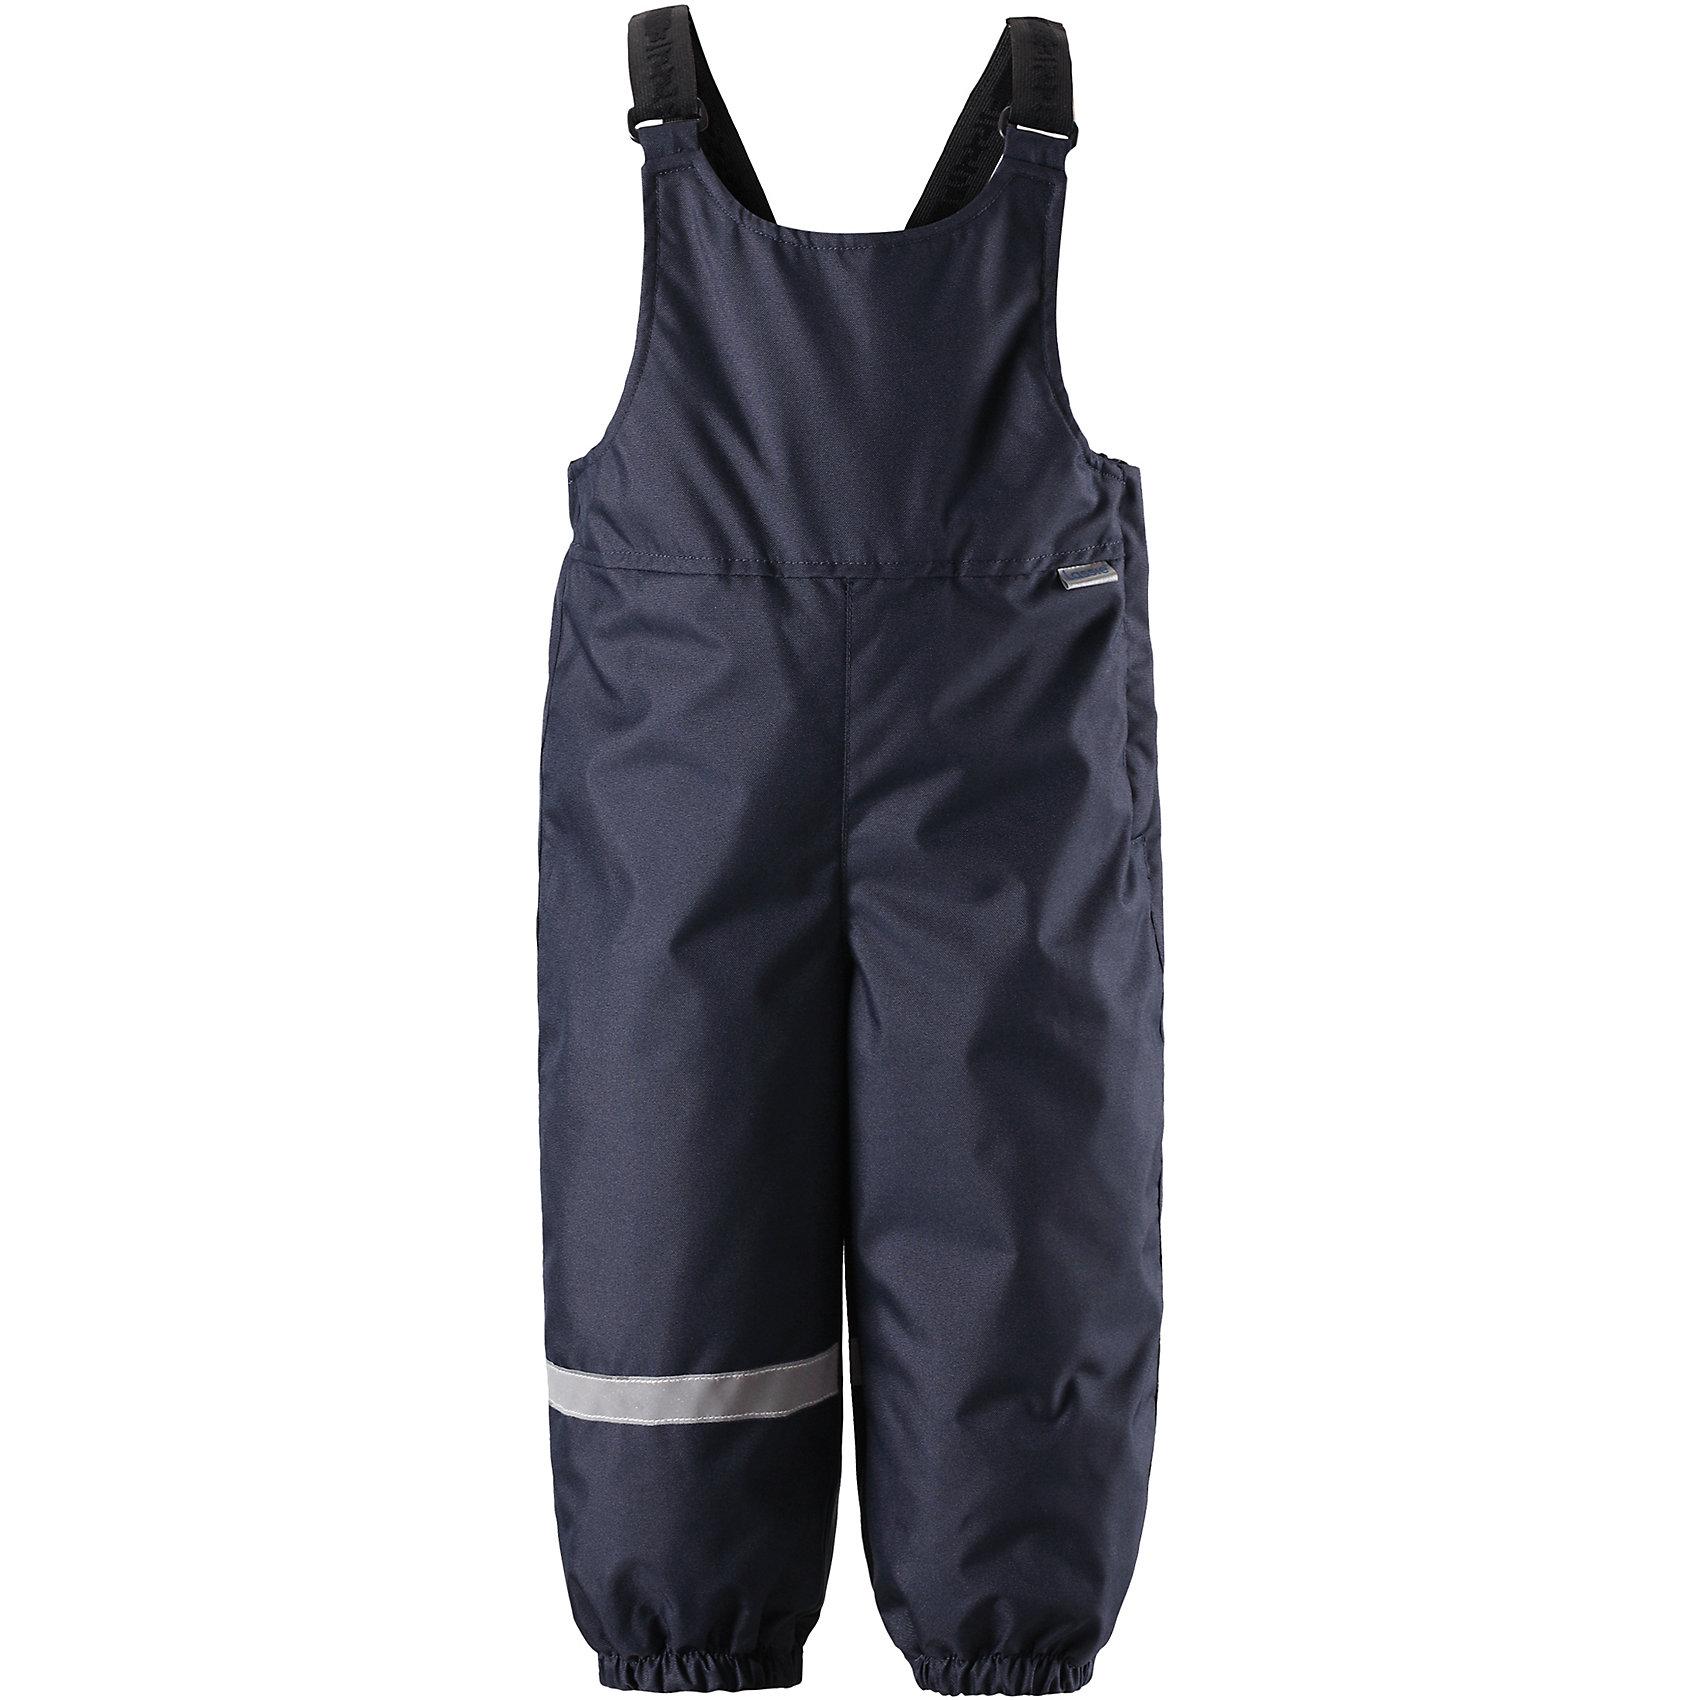 Брюки LassieОдежда<br>Теплые зимние брюки для малышей с регулируемыми подтяжками и съемными штрипками очень удобно сидят. Молния сбоку облегчает надевание, а флисовая подкладка на седалище обеспечивает дополнительное утепление. То, что нужно маленьким искателям зимних приключений!<br>Состав:<br>100% Полиэстер<br><br>Ширина мм: 215<br>Глубина мм: 88<br>Высота мм: 191<br>Вес г: 336<br>Цвет: синий<br>Возраст от месяцев: 24<br>Возраст до месяцев: 36<br>Пол: Унисекс<br>Возраст: Детский<br>Размер: 98,74,80,86,92<br>SKU: 6905394